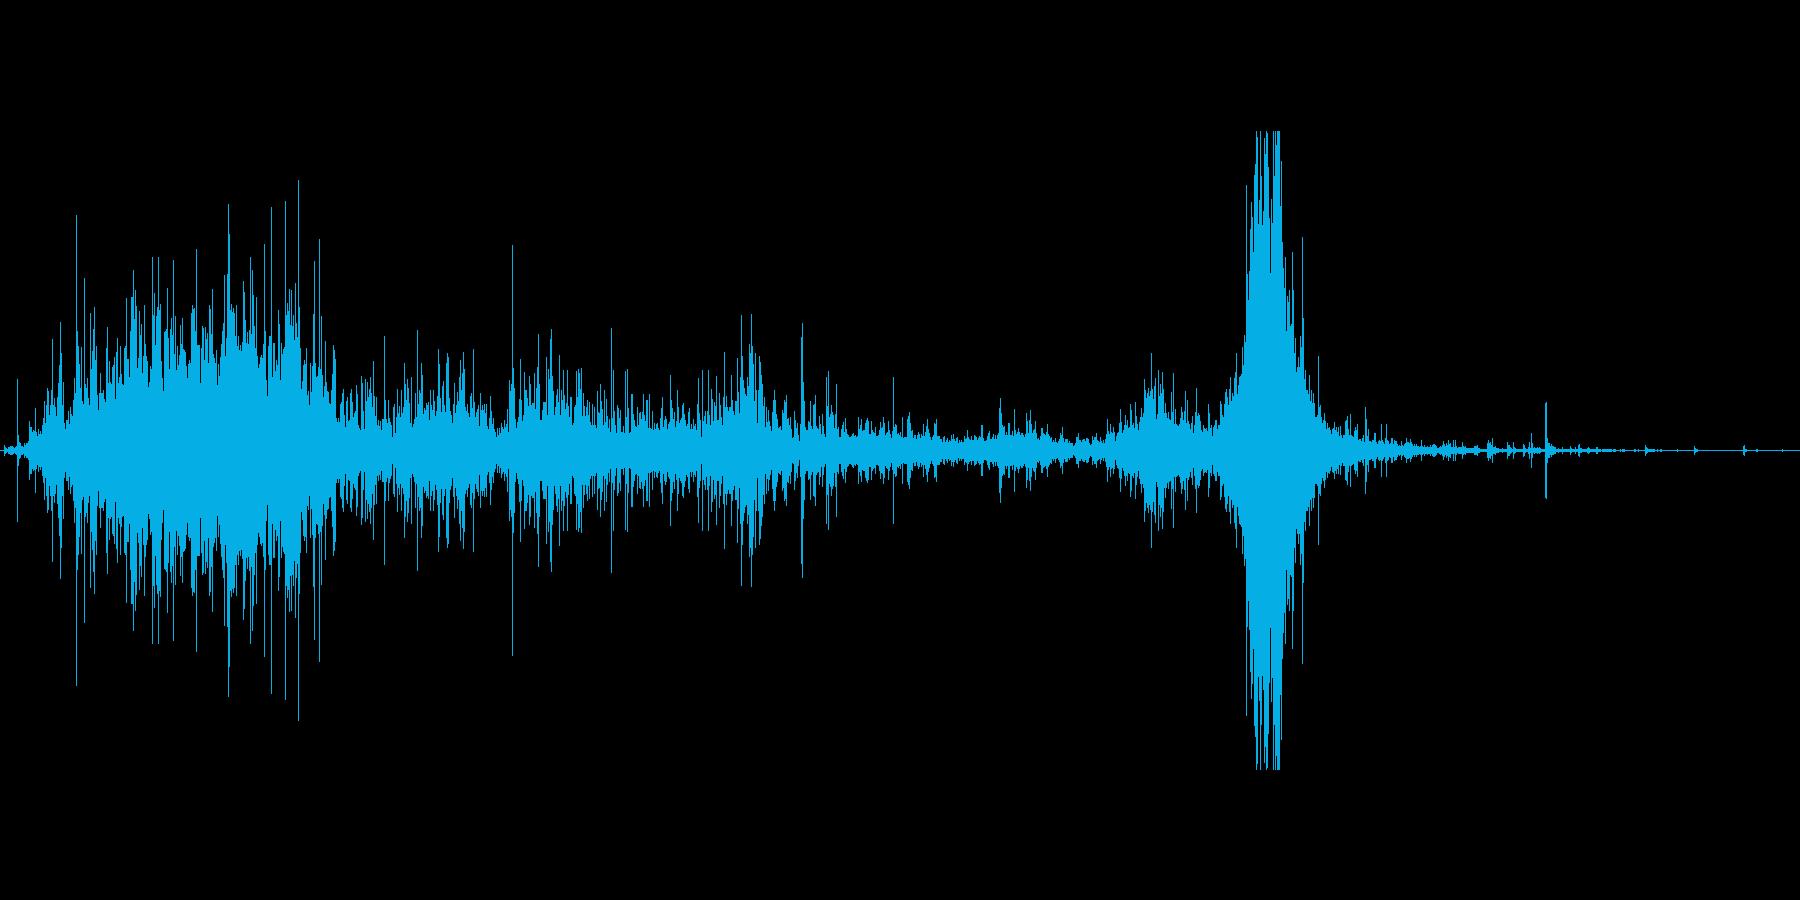 ゴミ袋を漁る音、最後に置くの再生済みの波形